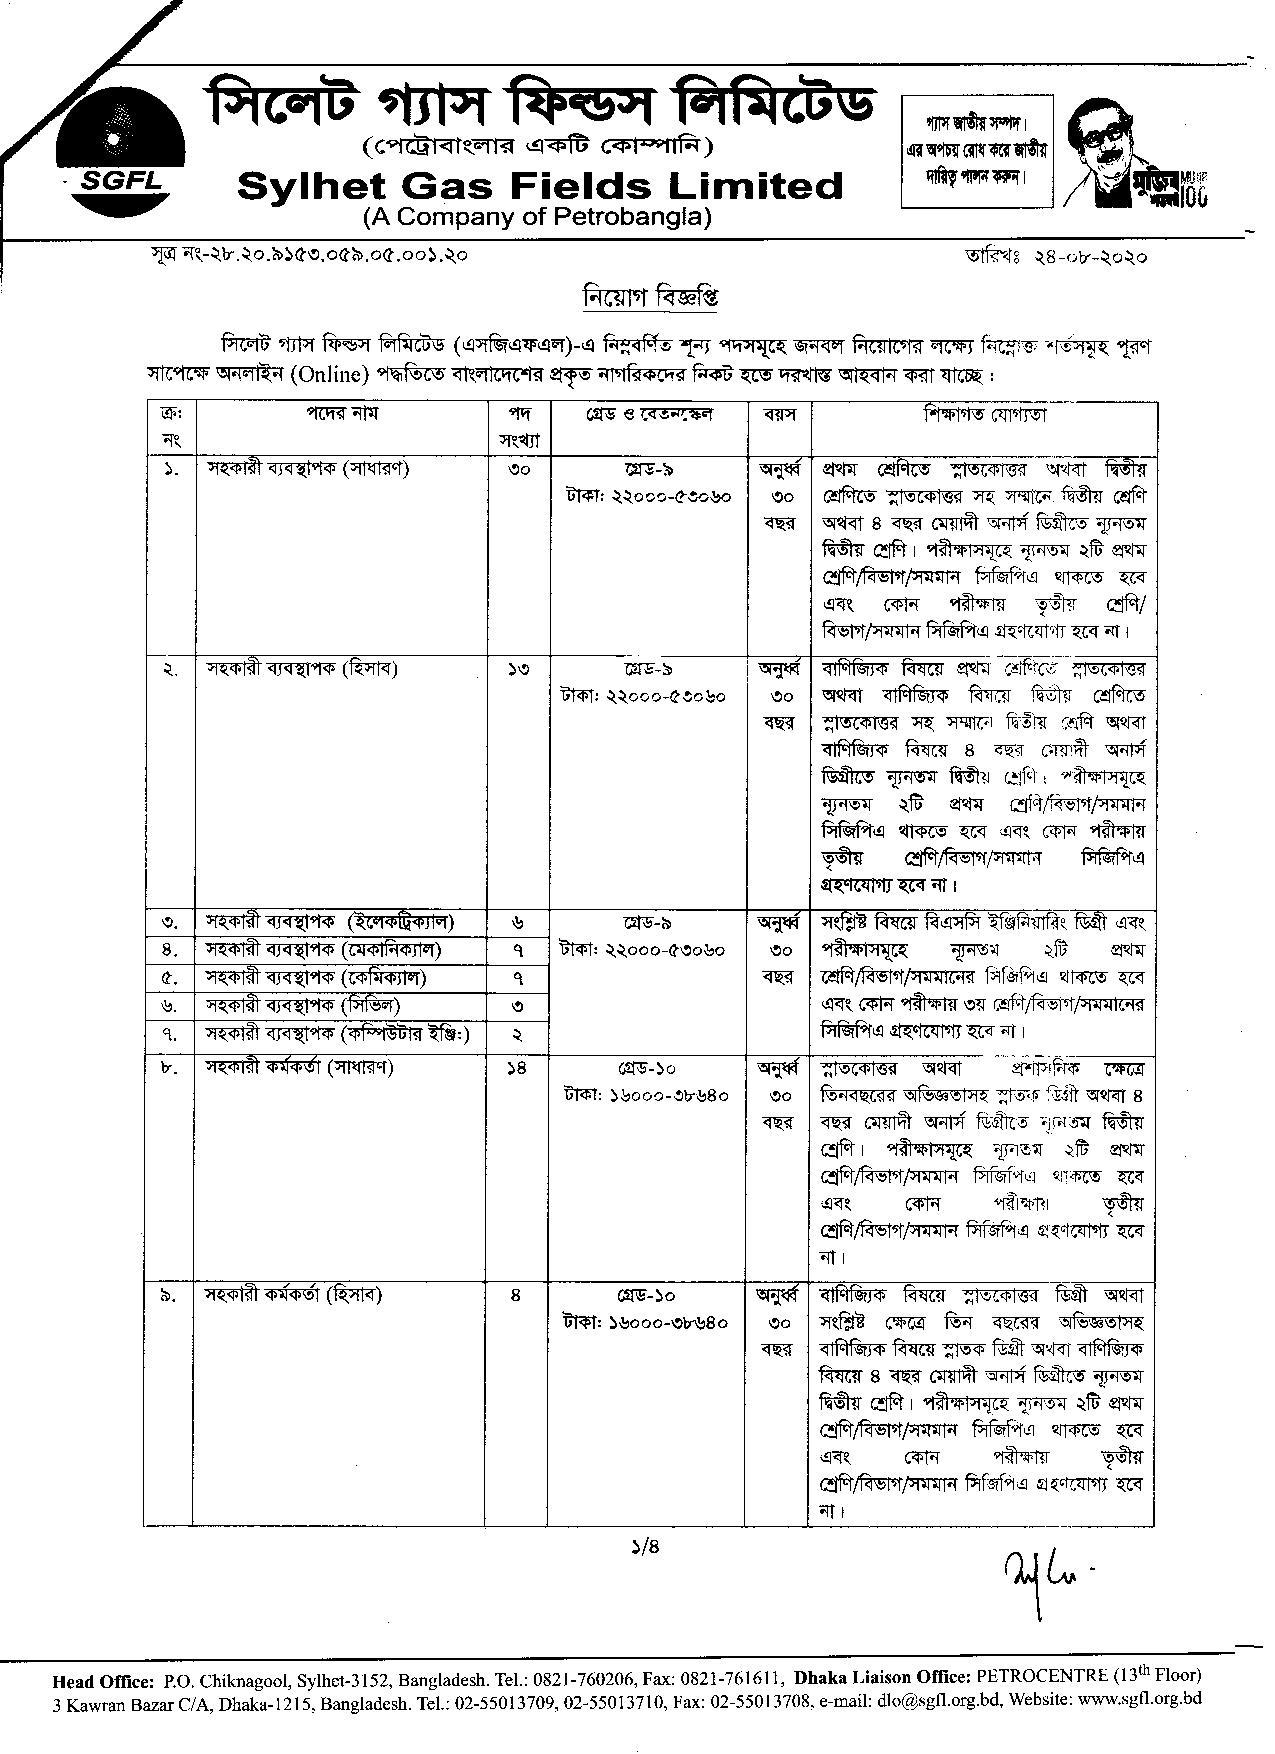 sylhet-Gass-fields-limited-1